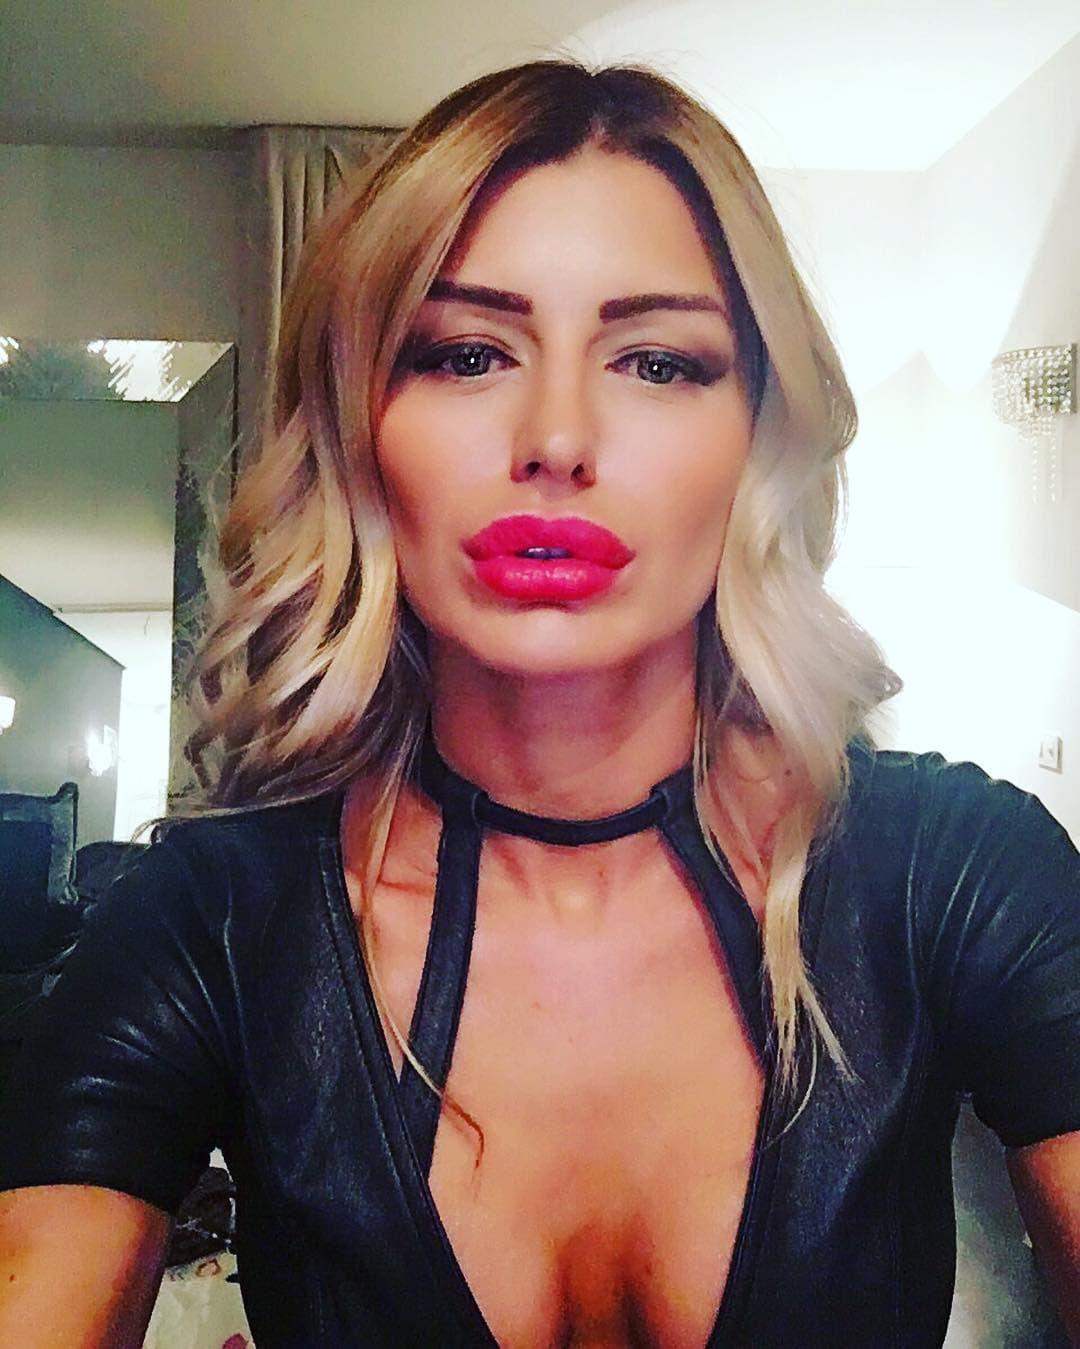 Sandra je povećala usne koje su sada prilično upadljive na njenoj mršavoj figuri (foto: Instagram.com/missobradovic)